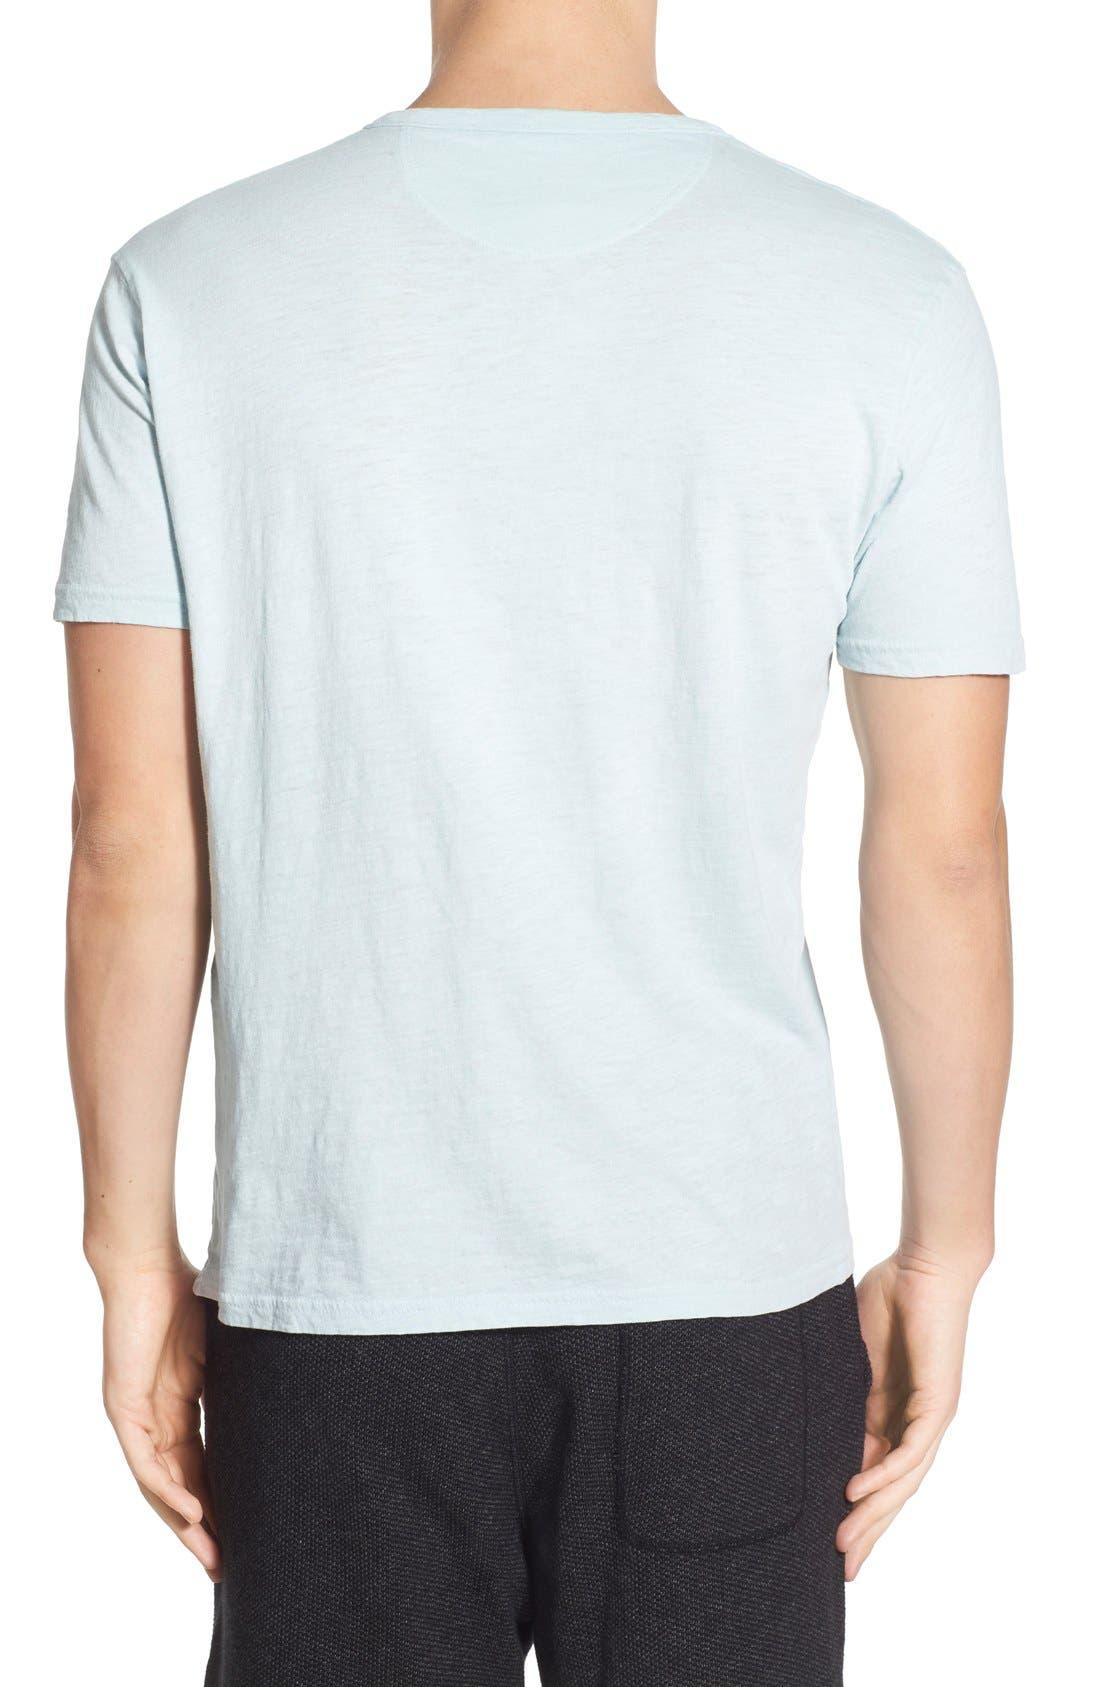 Alternate Image 2  - Lucky Brand Notch Short Sleeve Henley T-Shirt